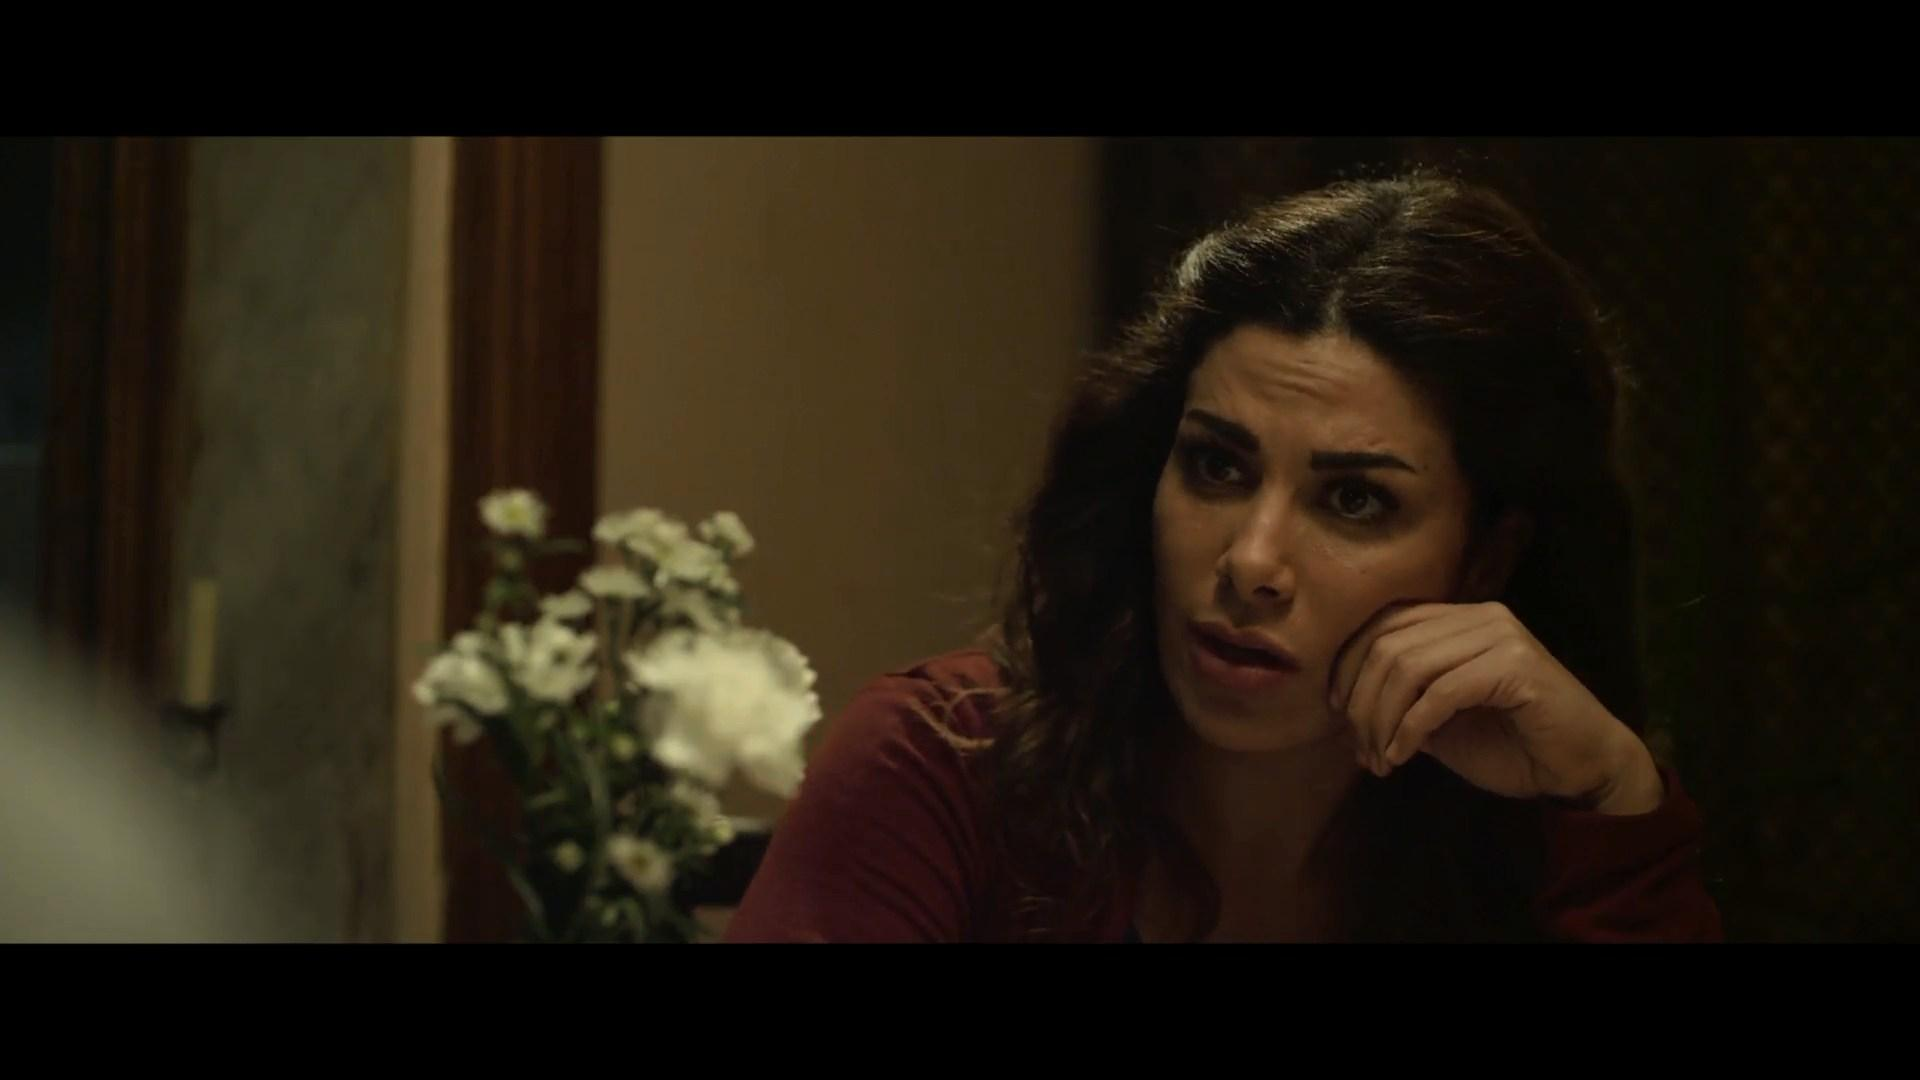 [فيلم][تورنت][تحميل][الثمن][2016][1080p][Web-DL] 8 arabp2p.com